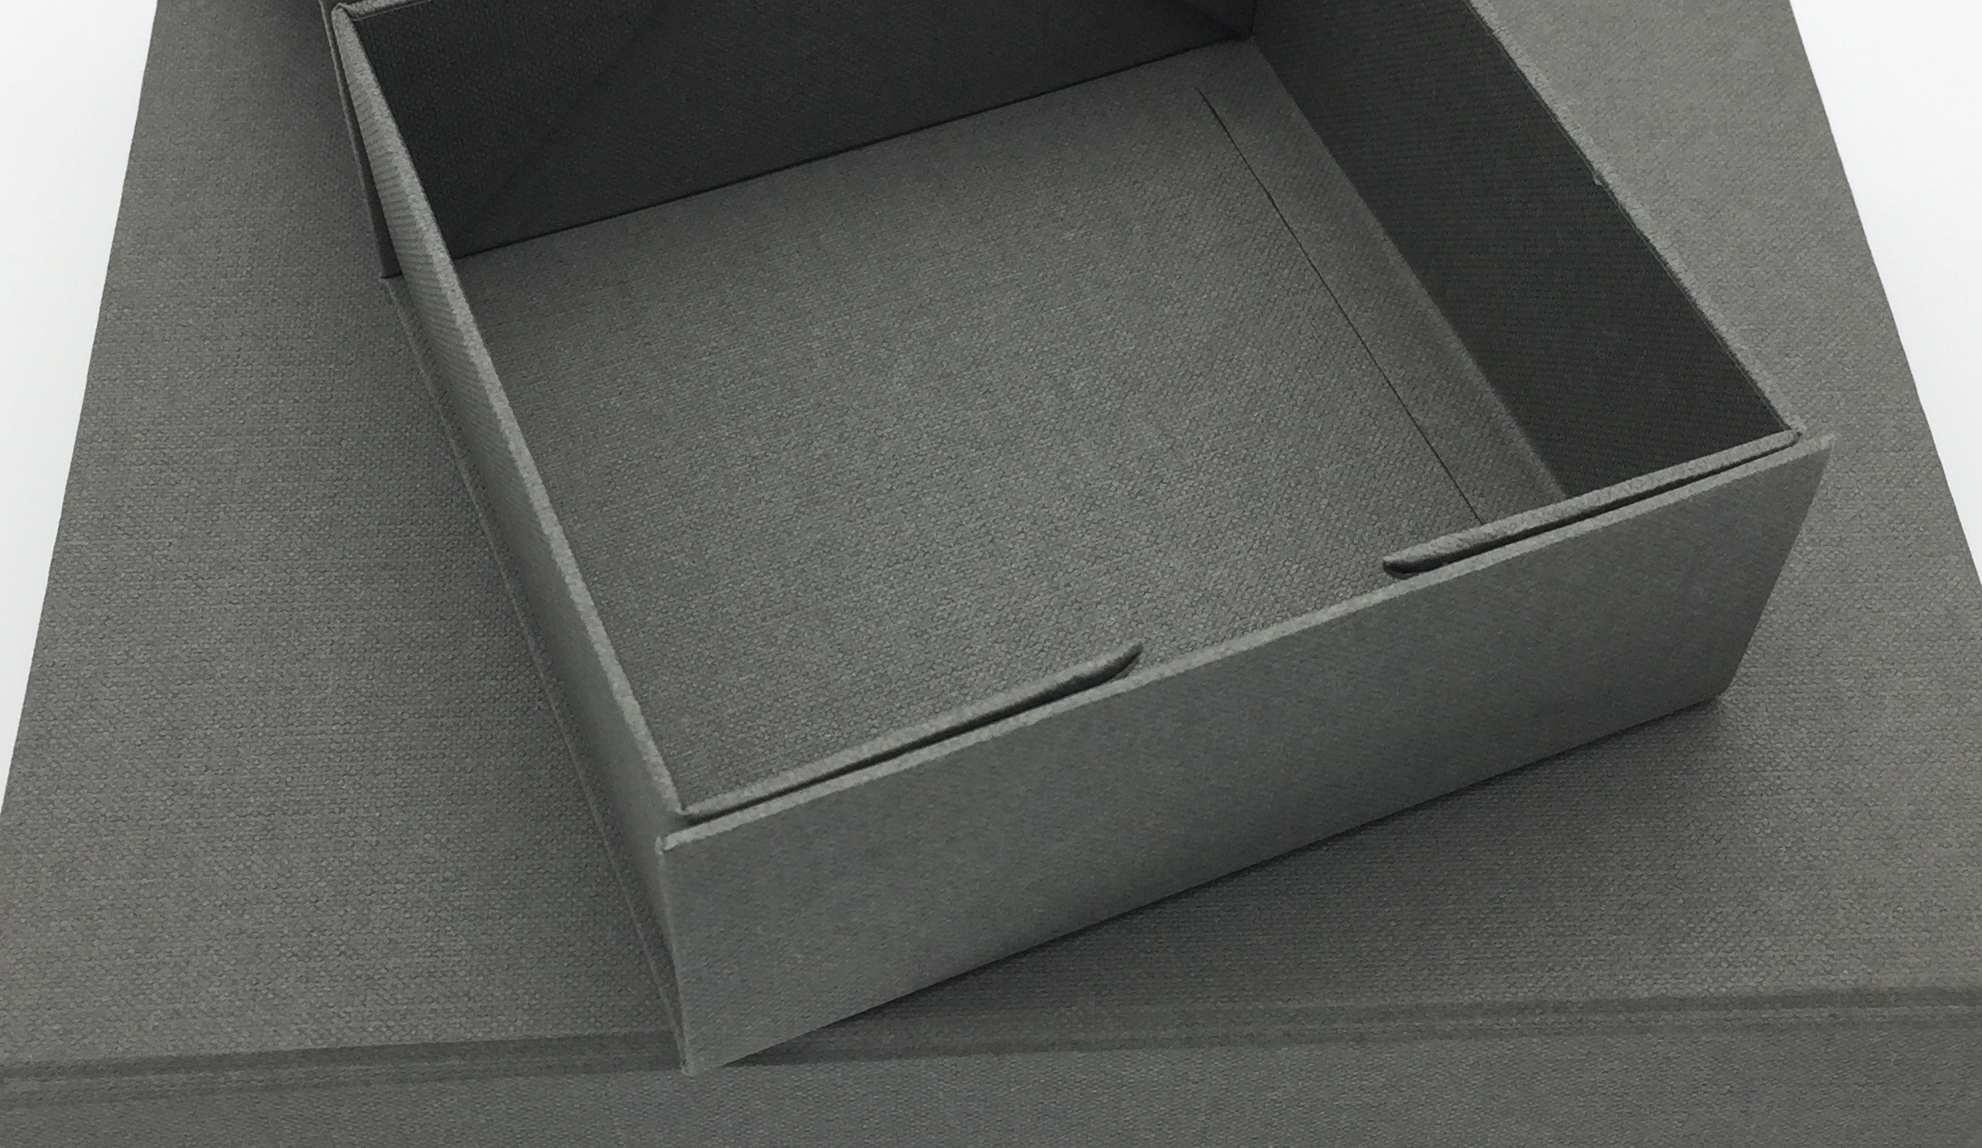 GloryBox - Materials